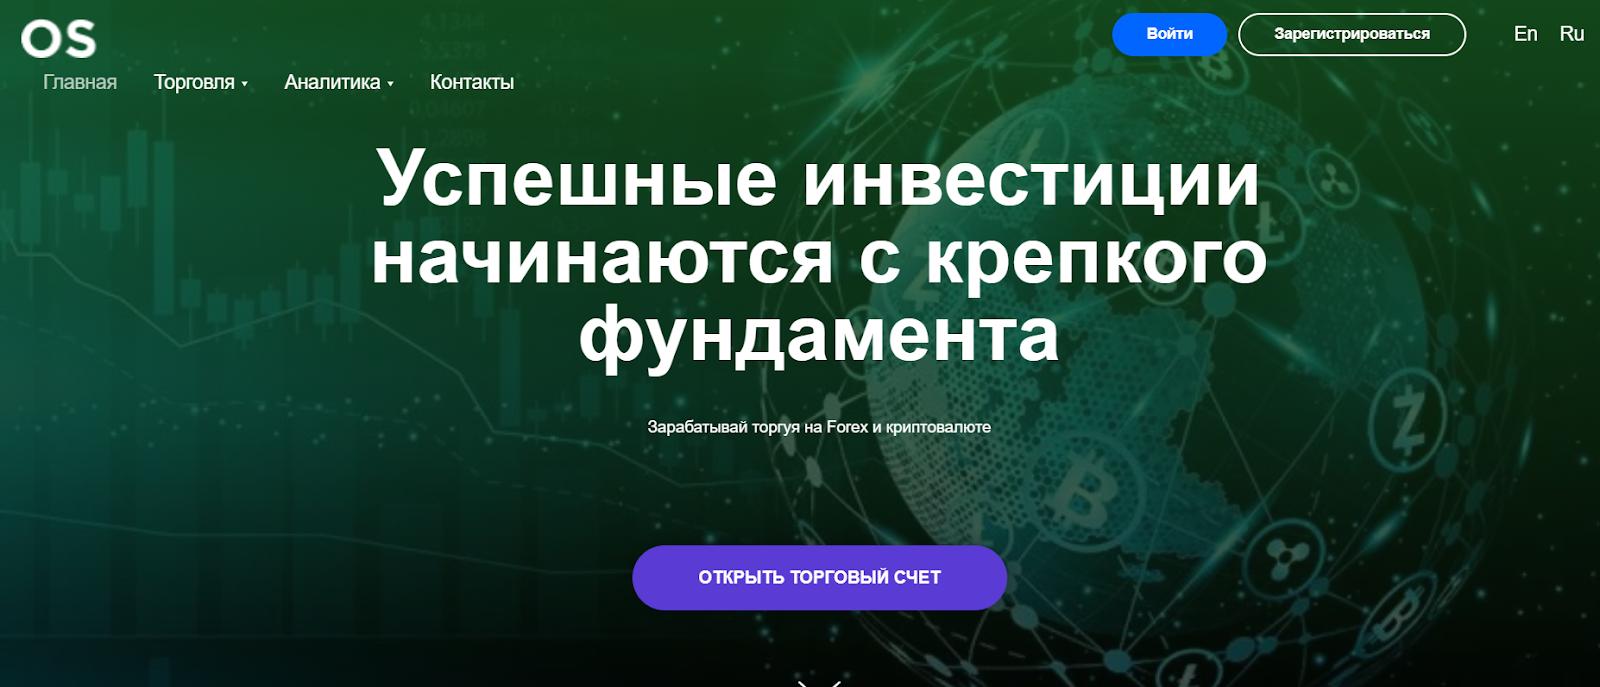 OS-Limited: подробный обзор торговой площадки и отзывы